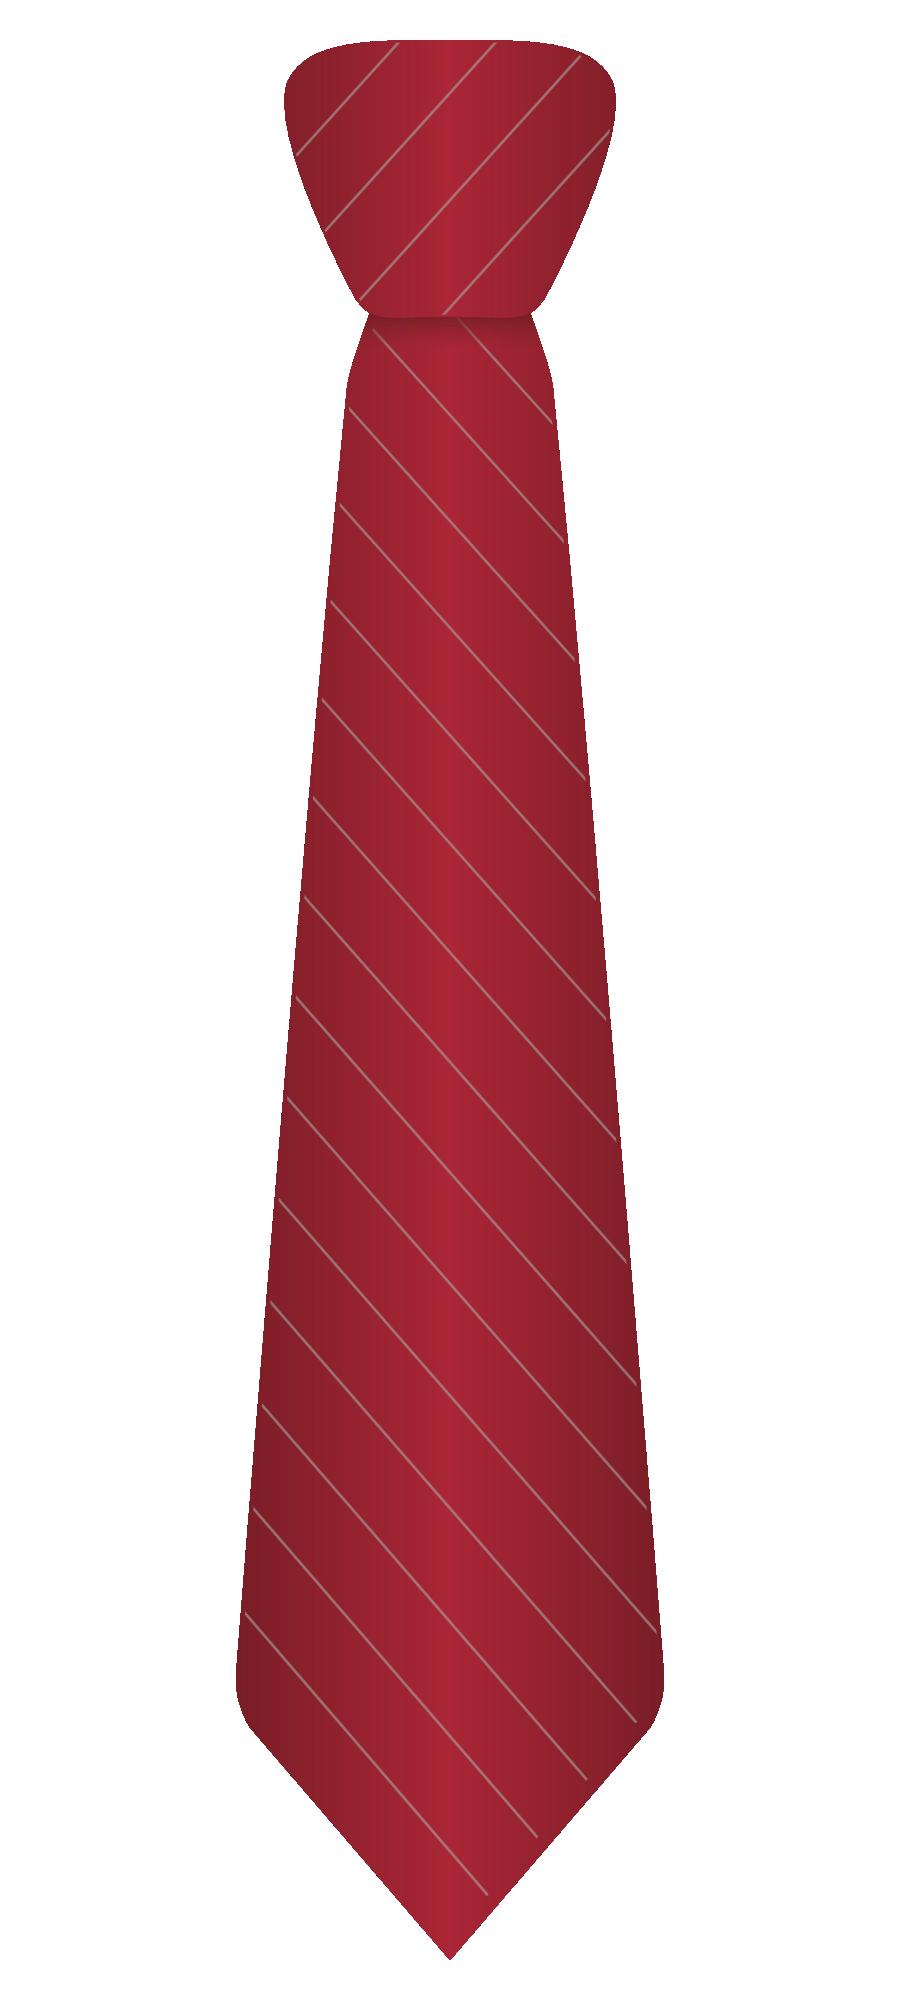 کراوات سرخ رنگ خاص